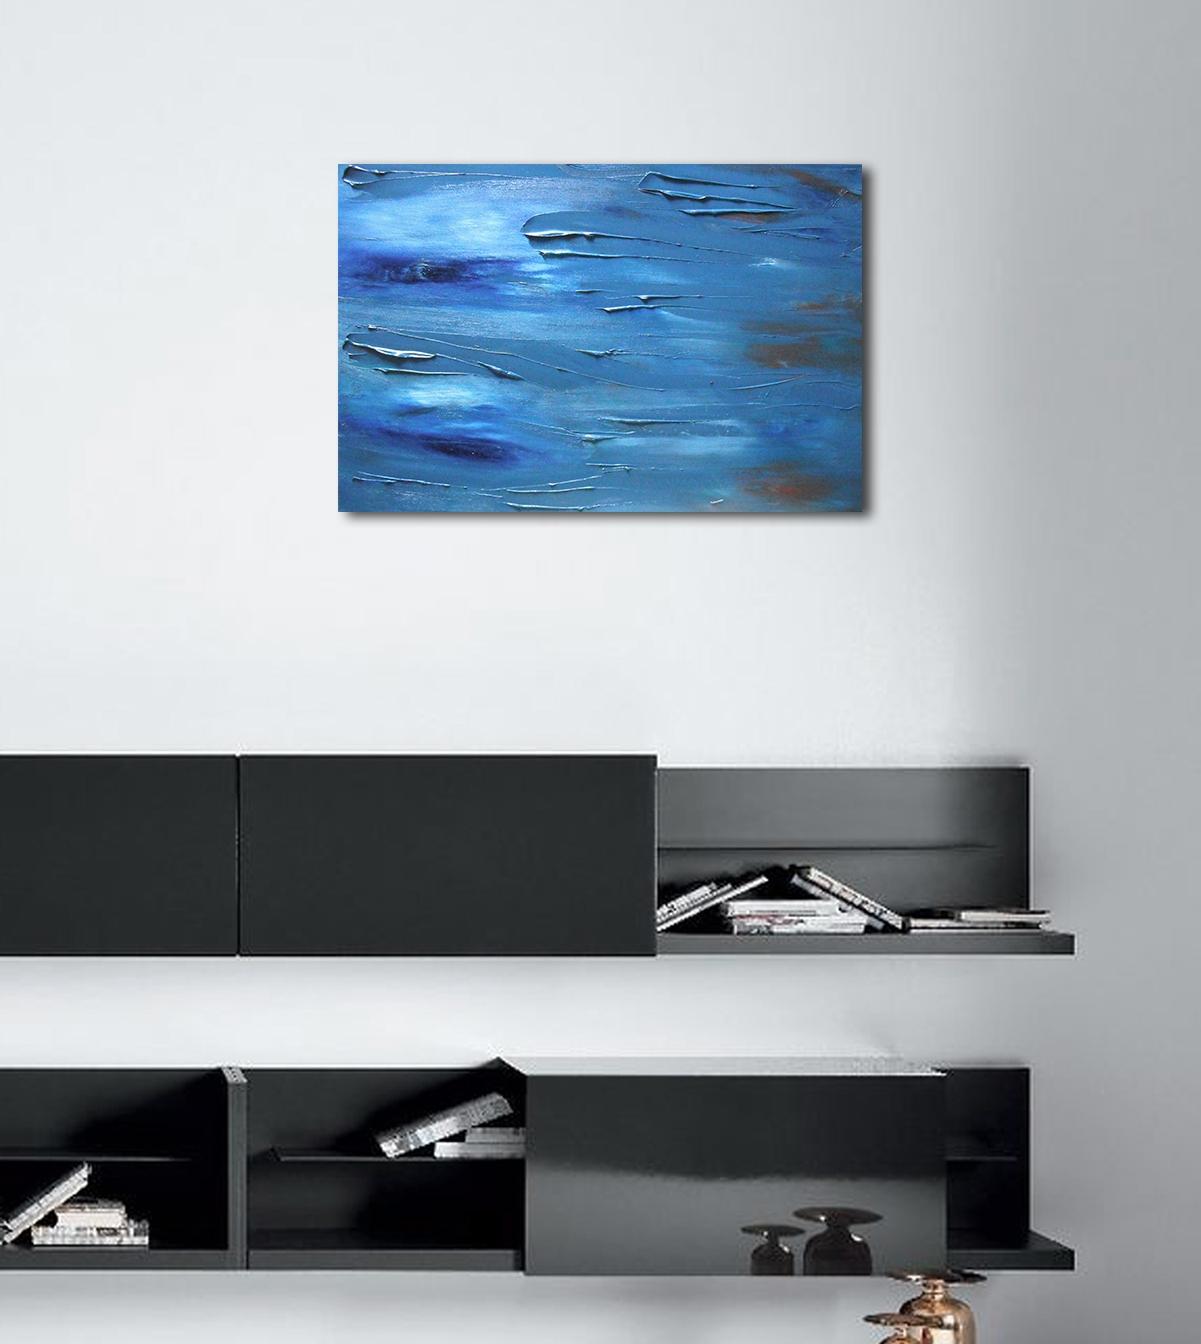 Dipinto astratto contemporaneo coraggio 60x40